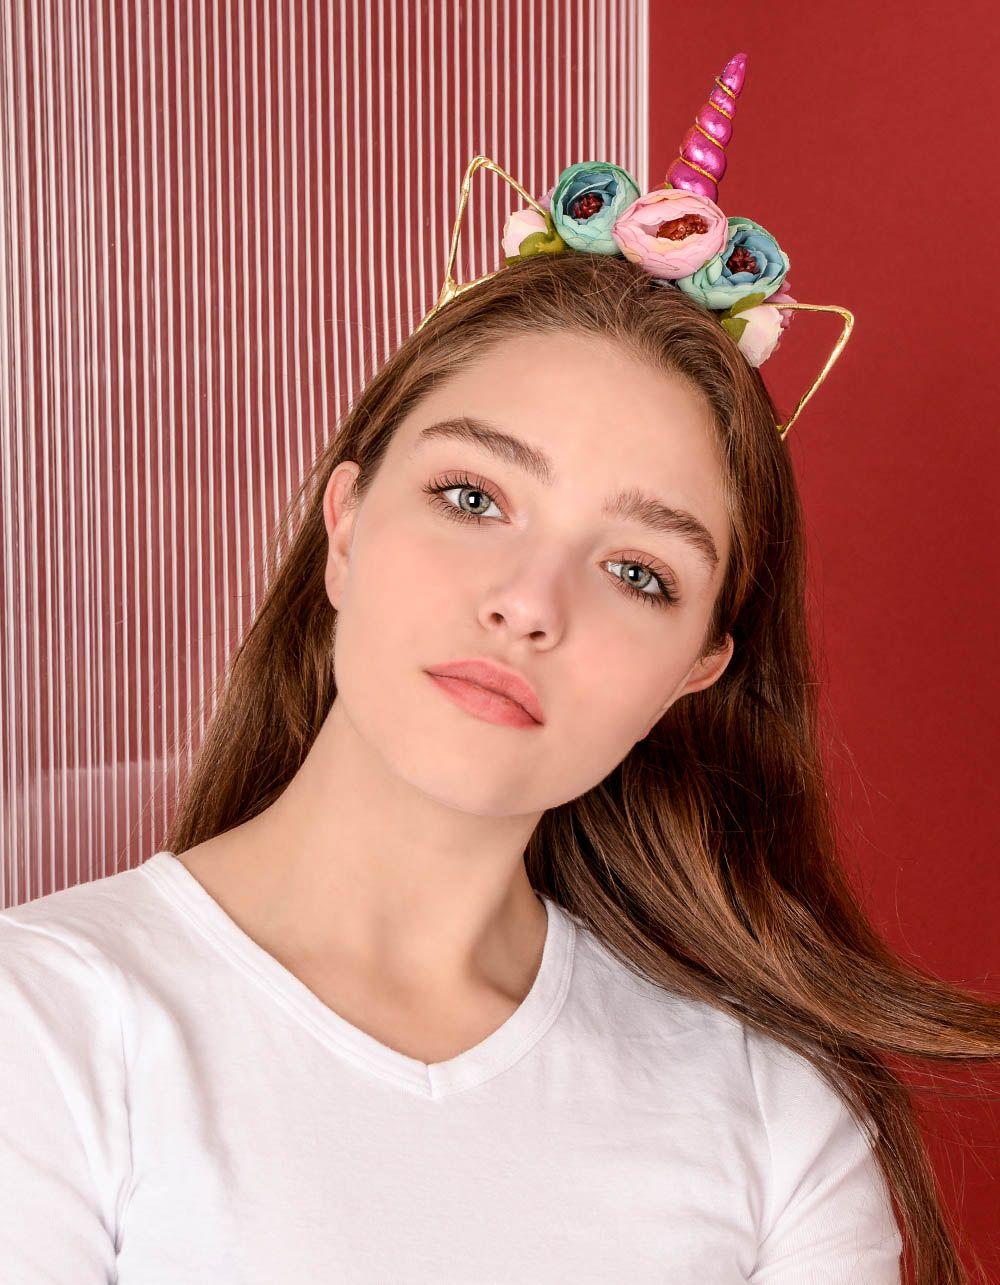 Обідок для волосся у вигляді єдинорога з квітами   238772-21-XX